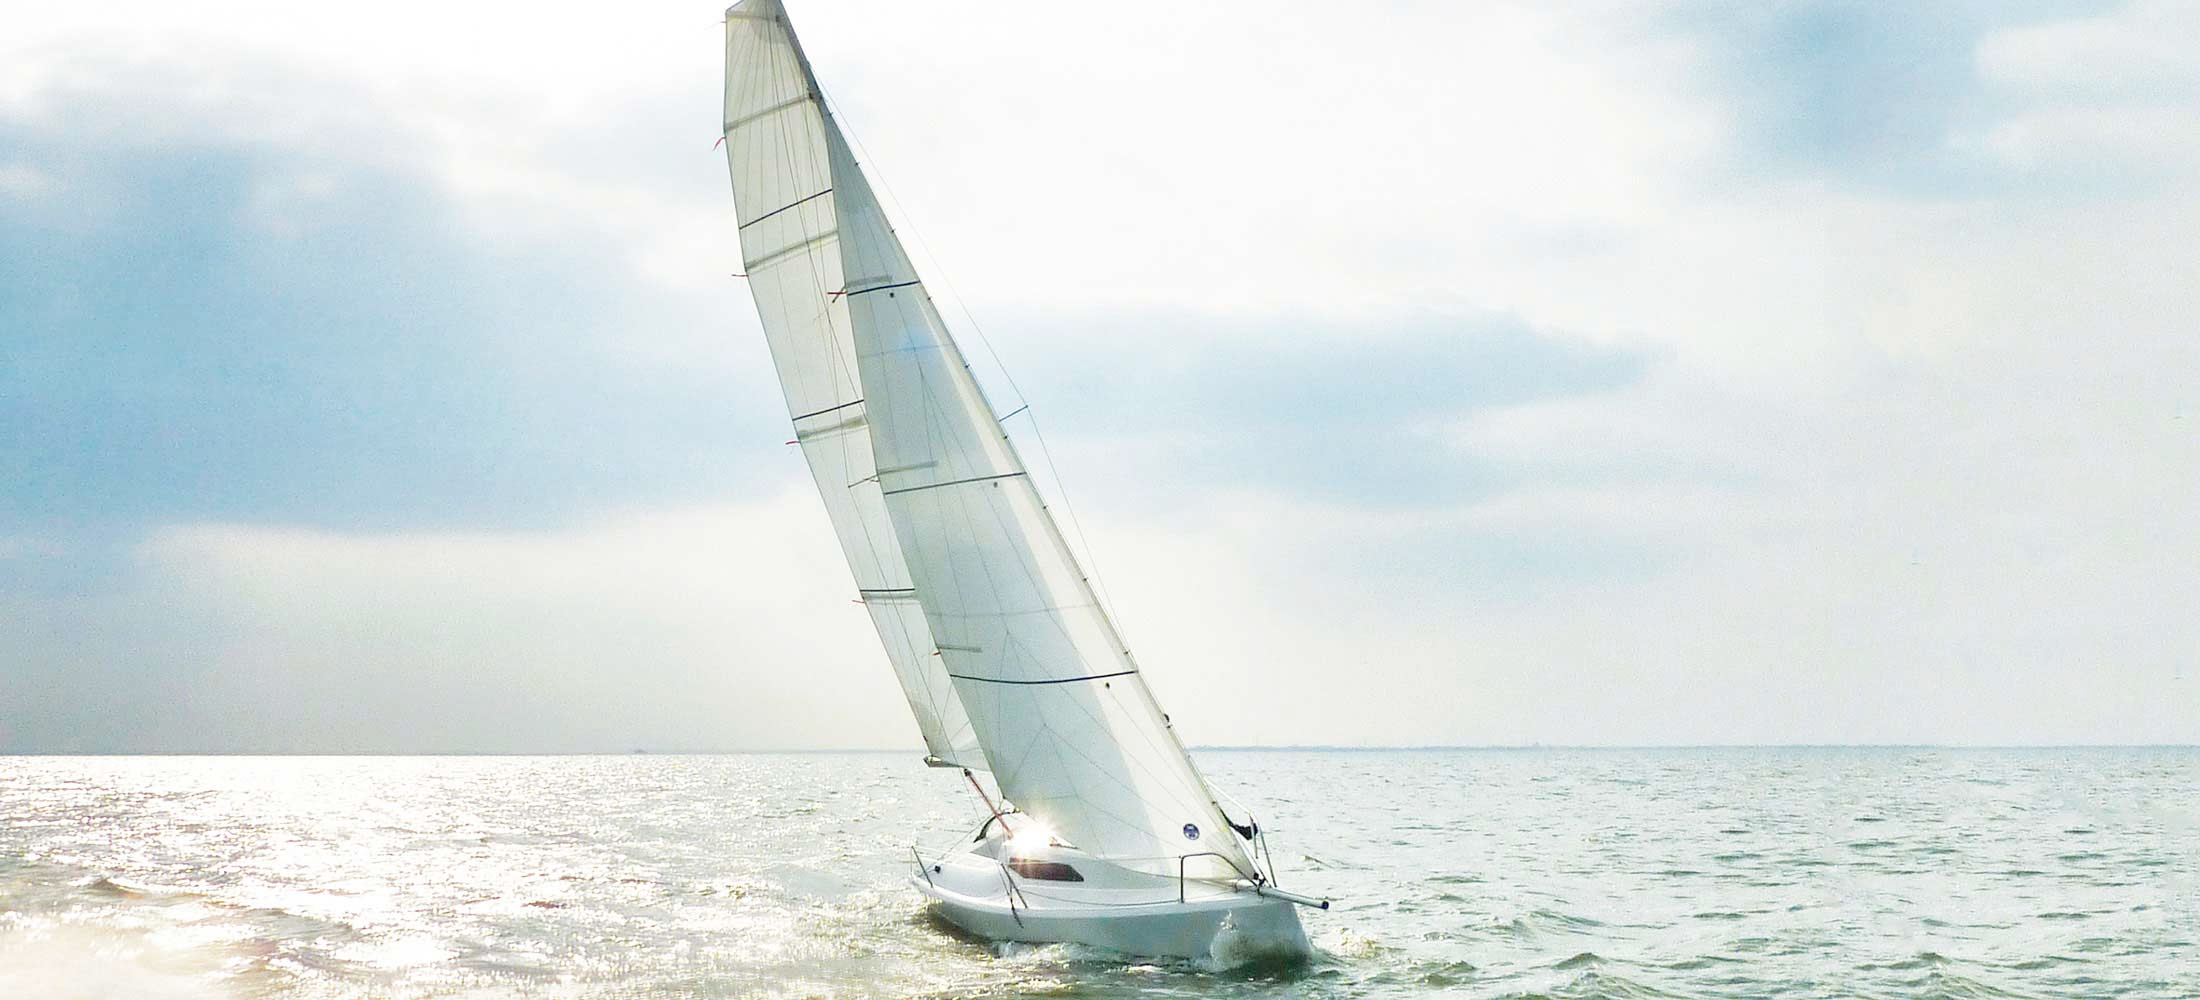 """雅马哈,帆船运动,室内设计,碳纤维,排水量 福利:7万一条处理两条""""珐伊18""""帆船【青岛】 74196579d9c2a32745.png"""